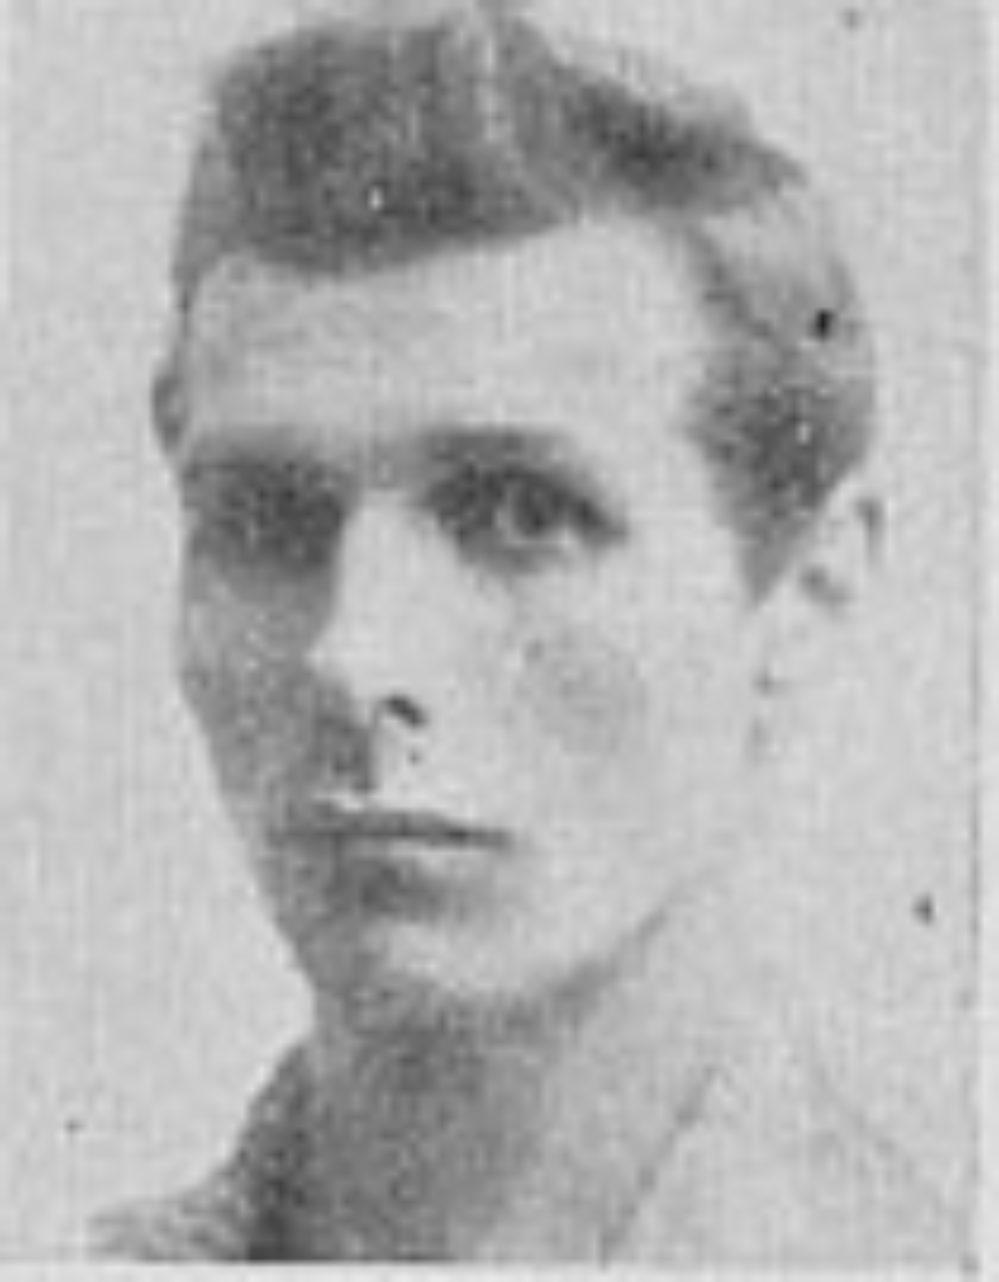 Edmund Karolius Hagerup Karlsen